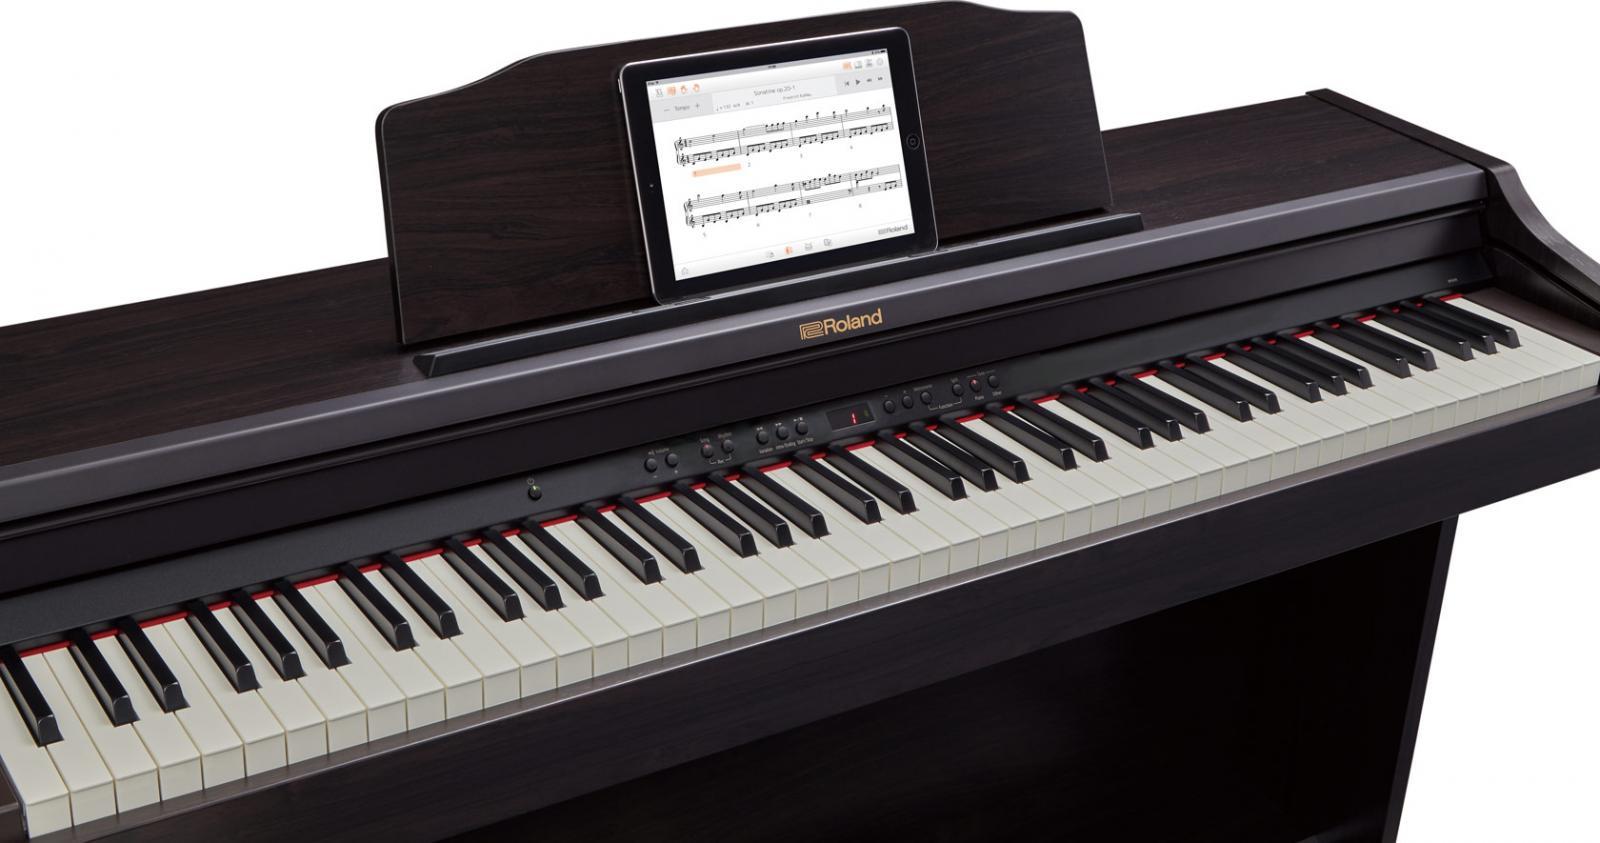 Bàn phím Ivory Feel PHA-4 đáp ứng các sắc thái của cảm giác chạm